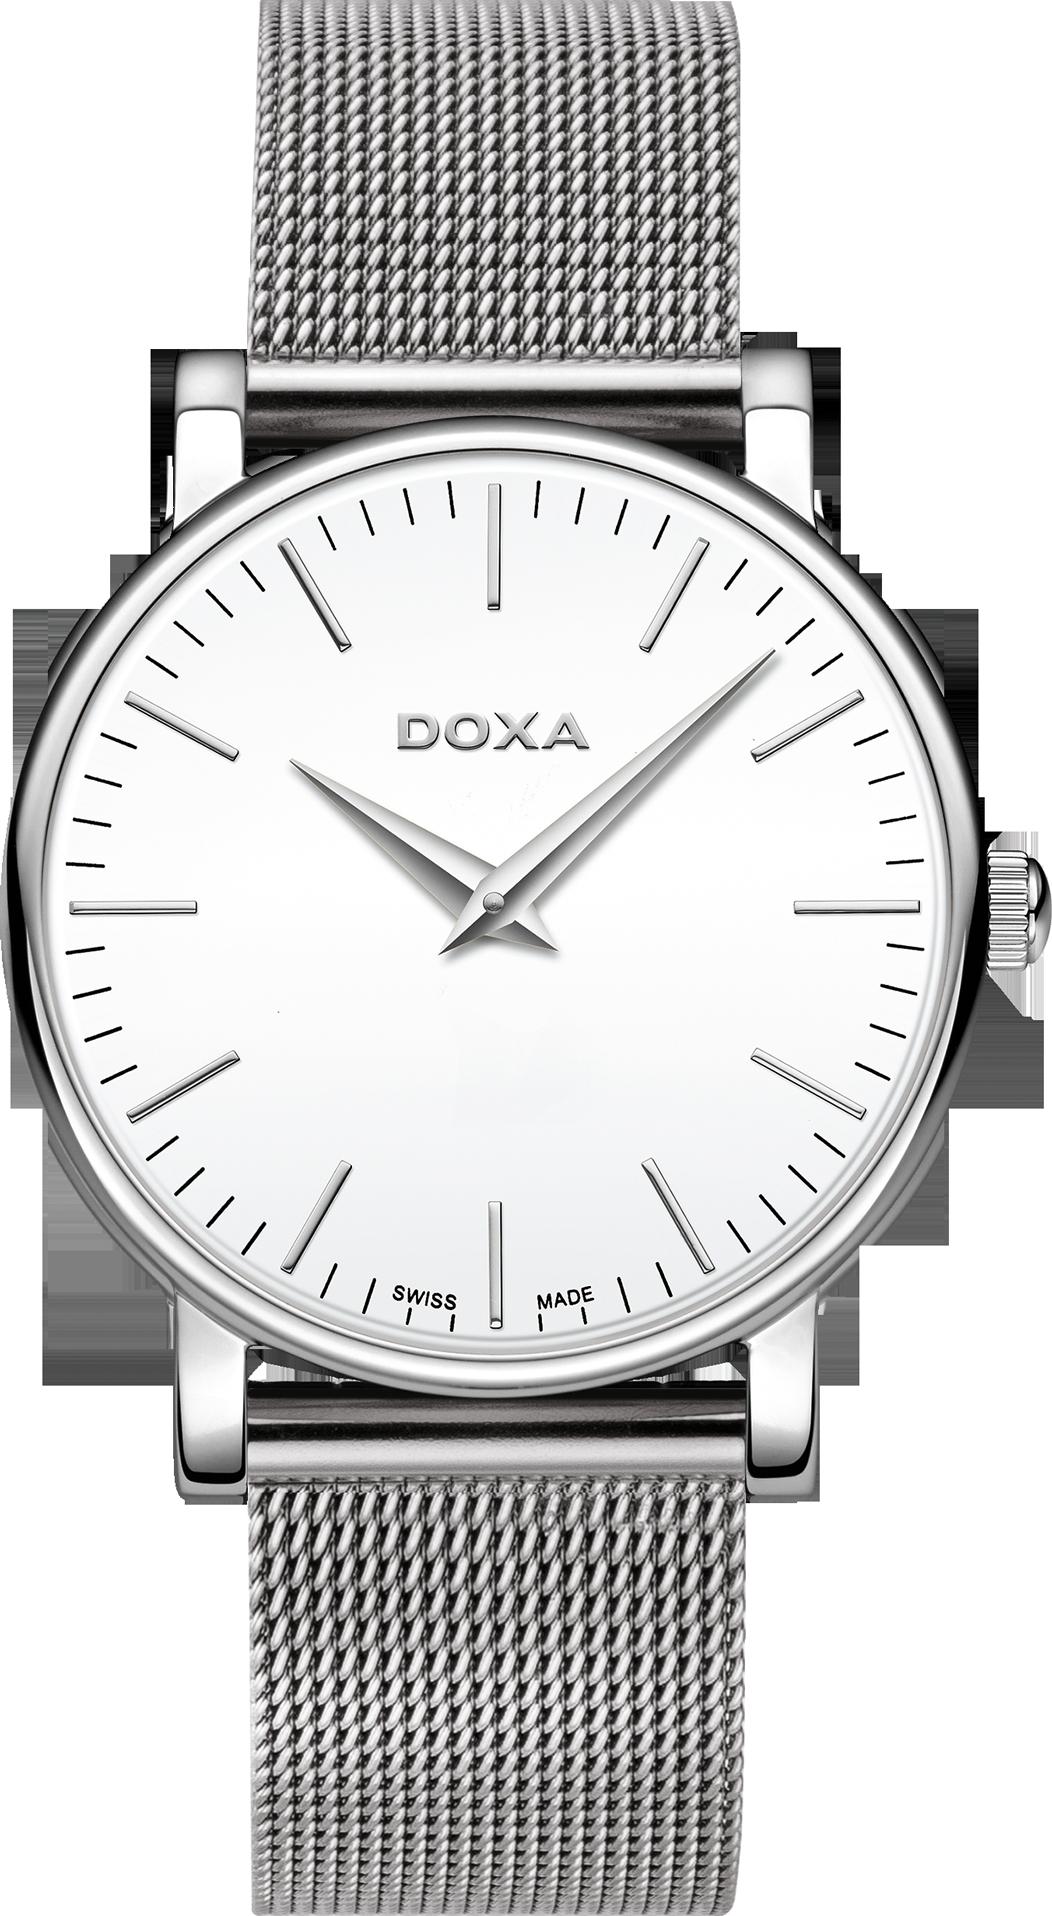 Doxa Swiss Made D Light férfi karóra 173.10.011.01